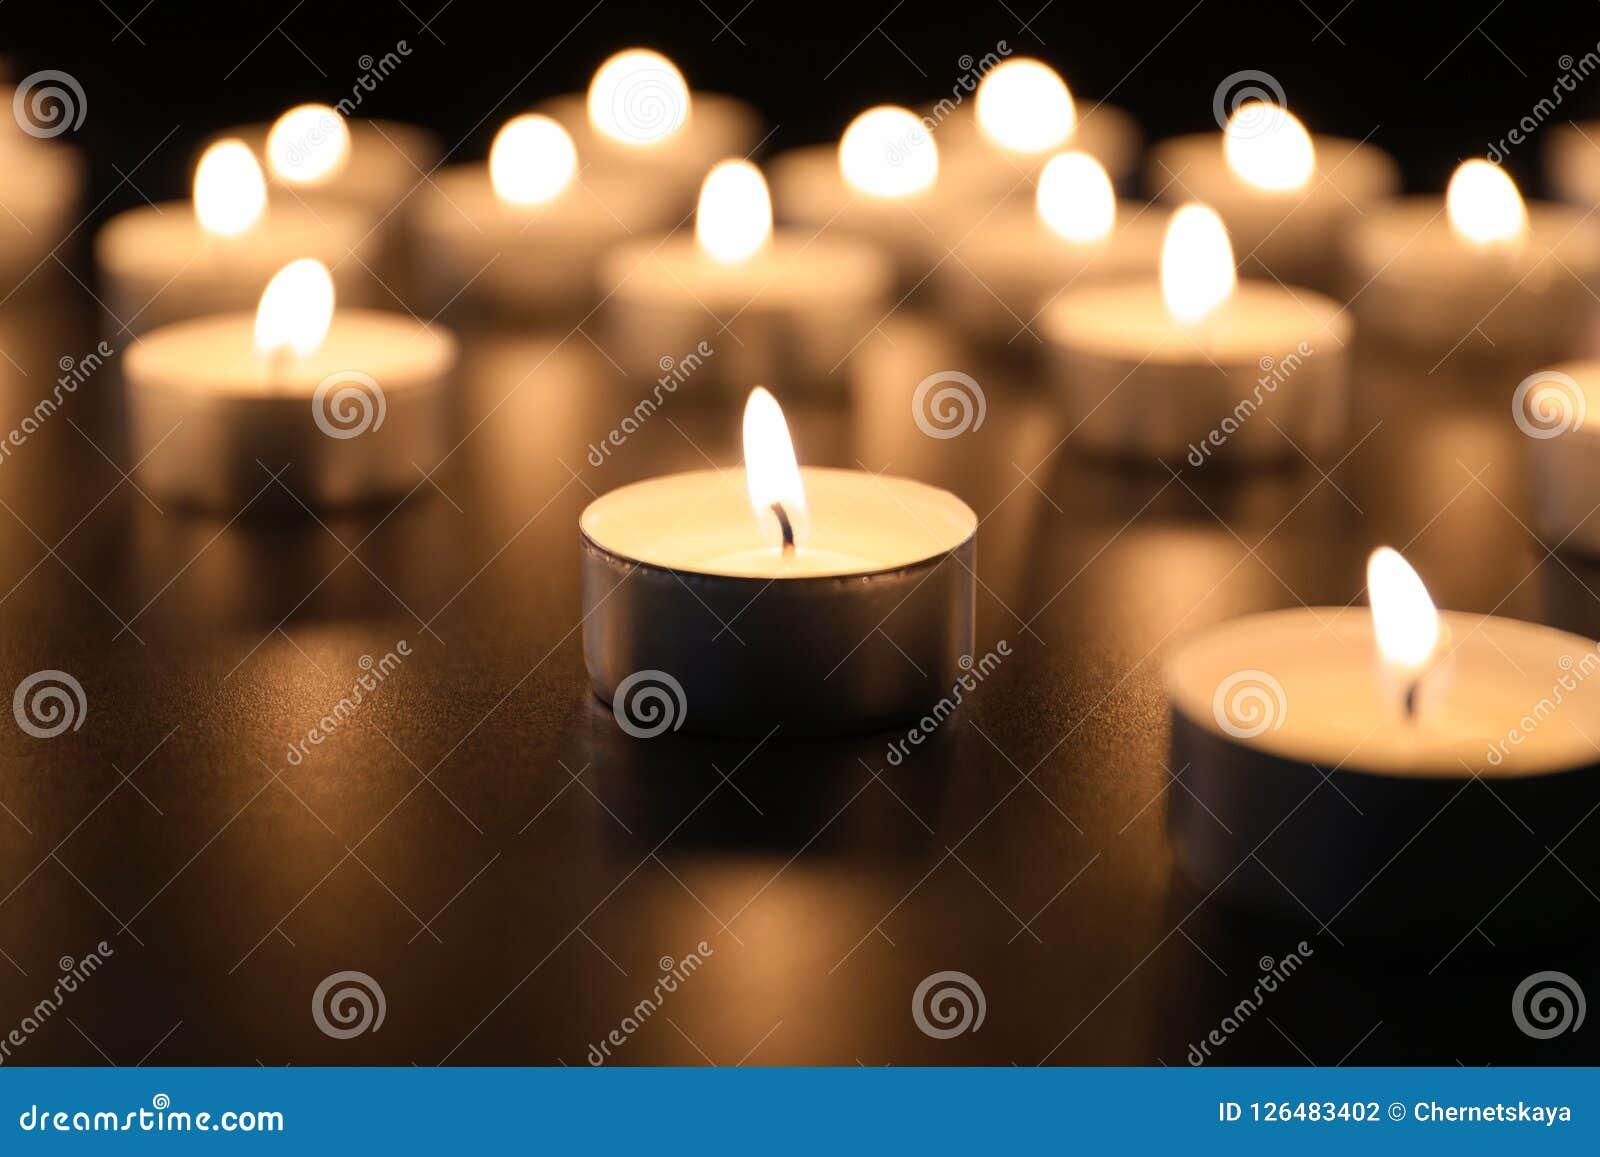 Velas ardentes na tabela na escuridão, close up Fotografia de Stock